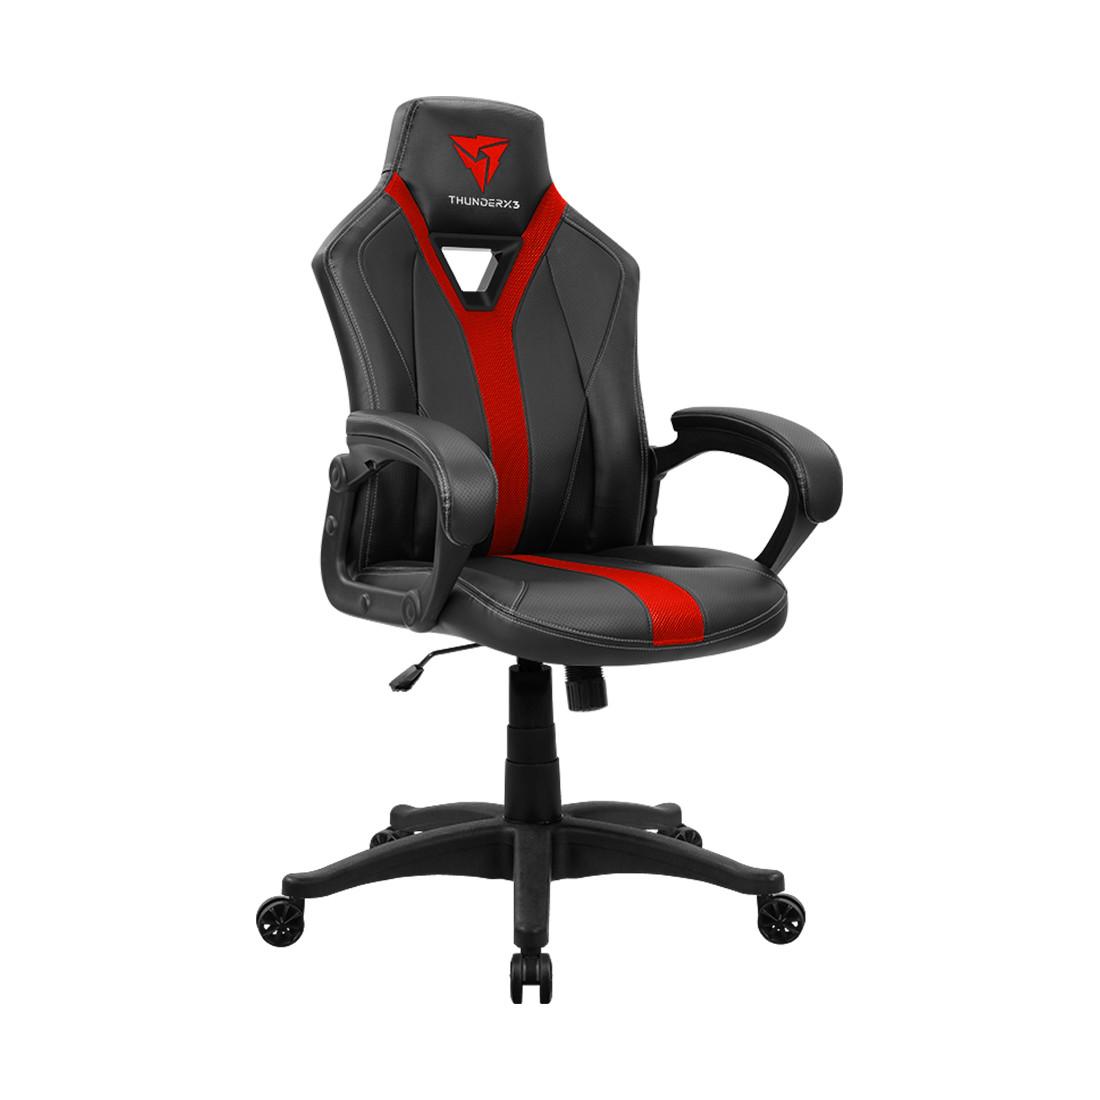 Игровое компьютерное кресло ThunderX3 YC1 BR